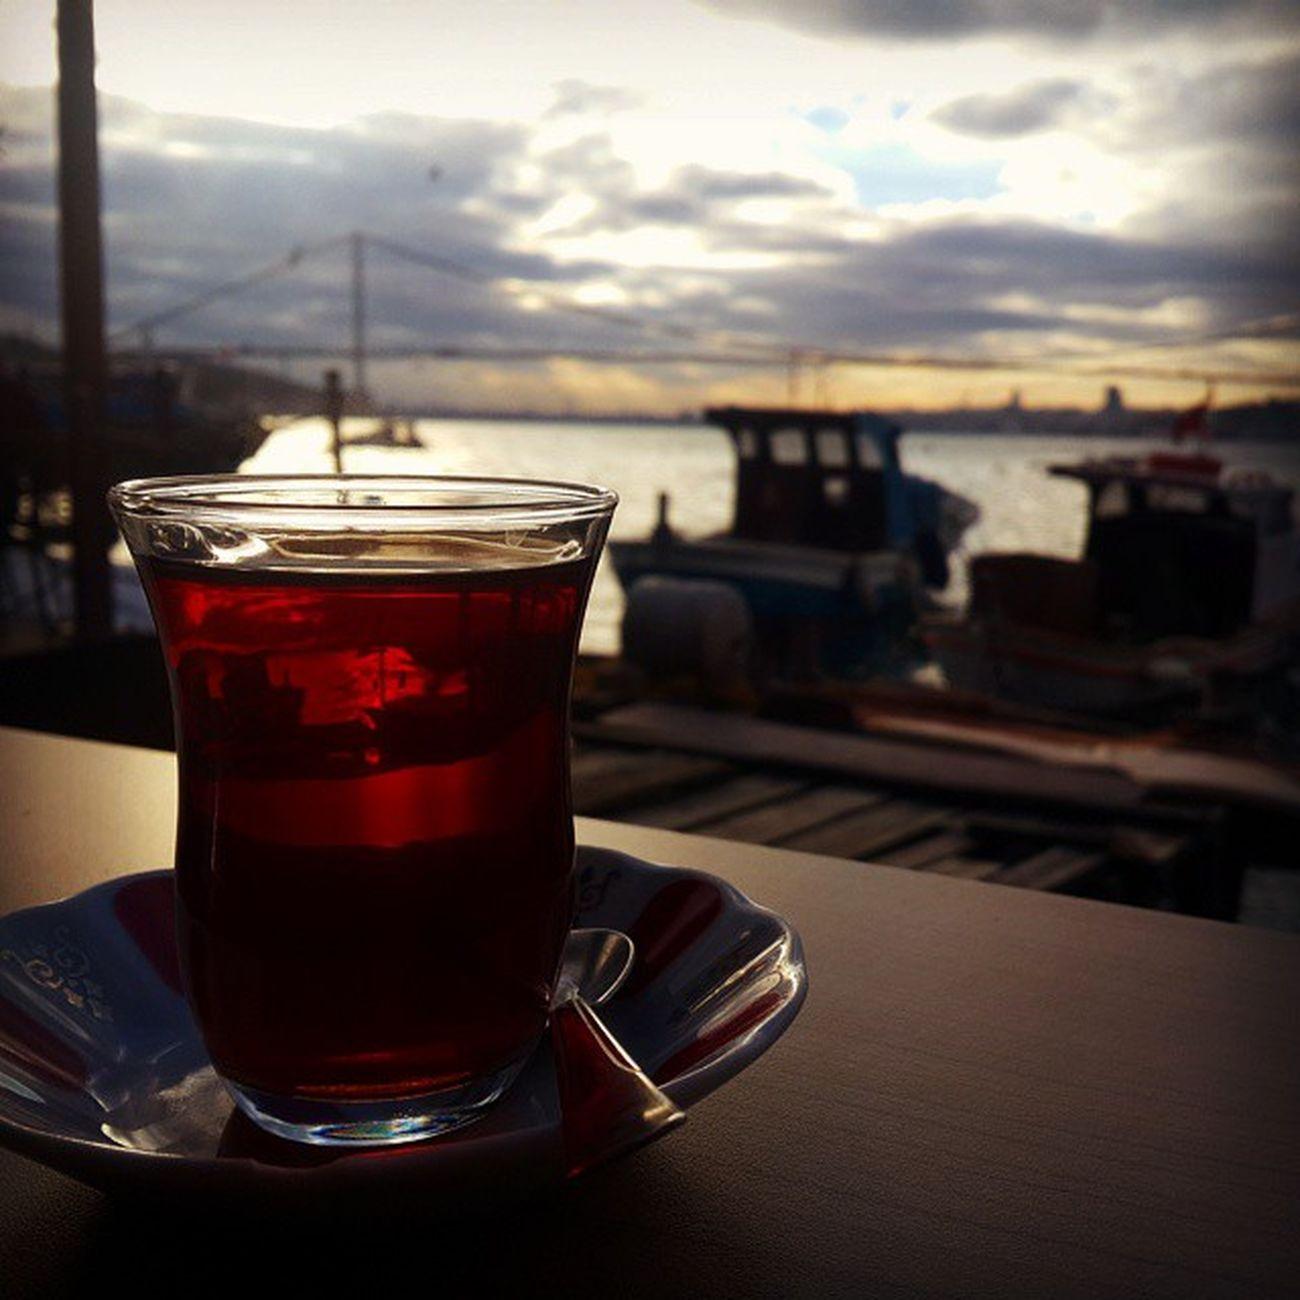 Istanbul Cengelkoy Superbaba Nihatinkahvesi Boğaziçi Gulumseaska